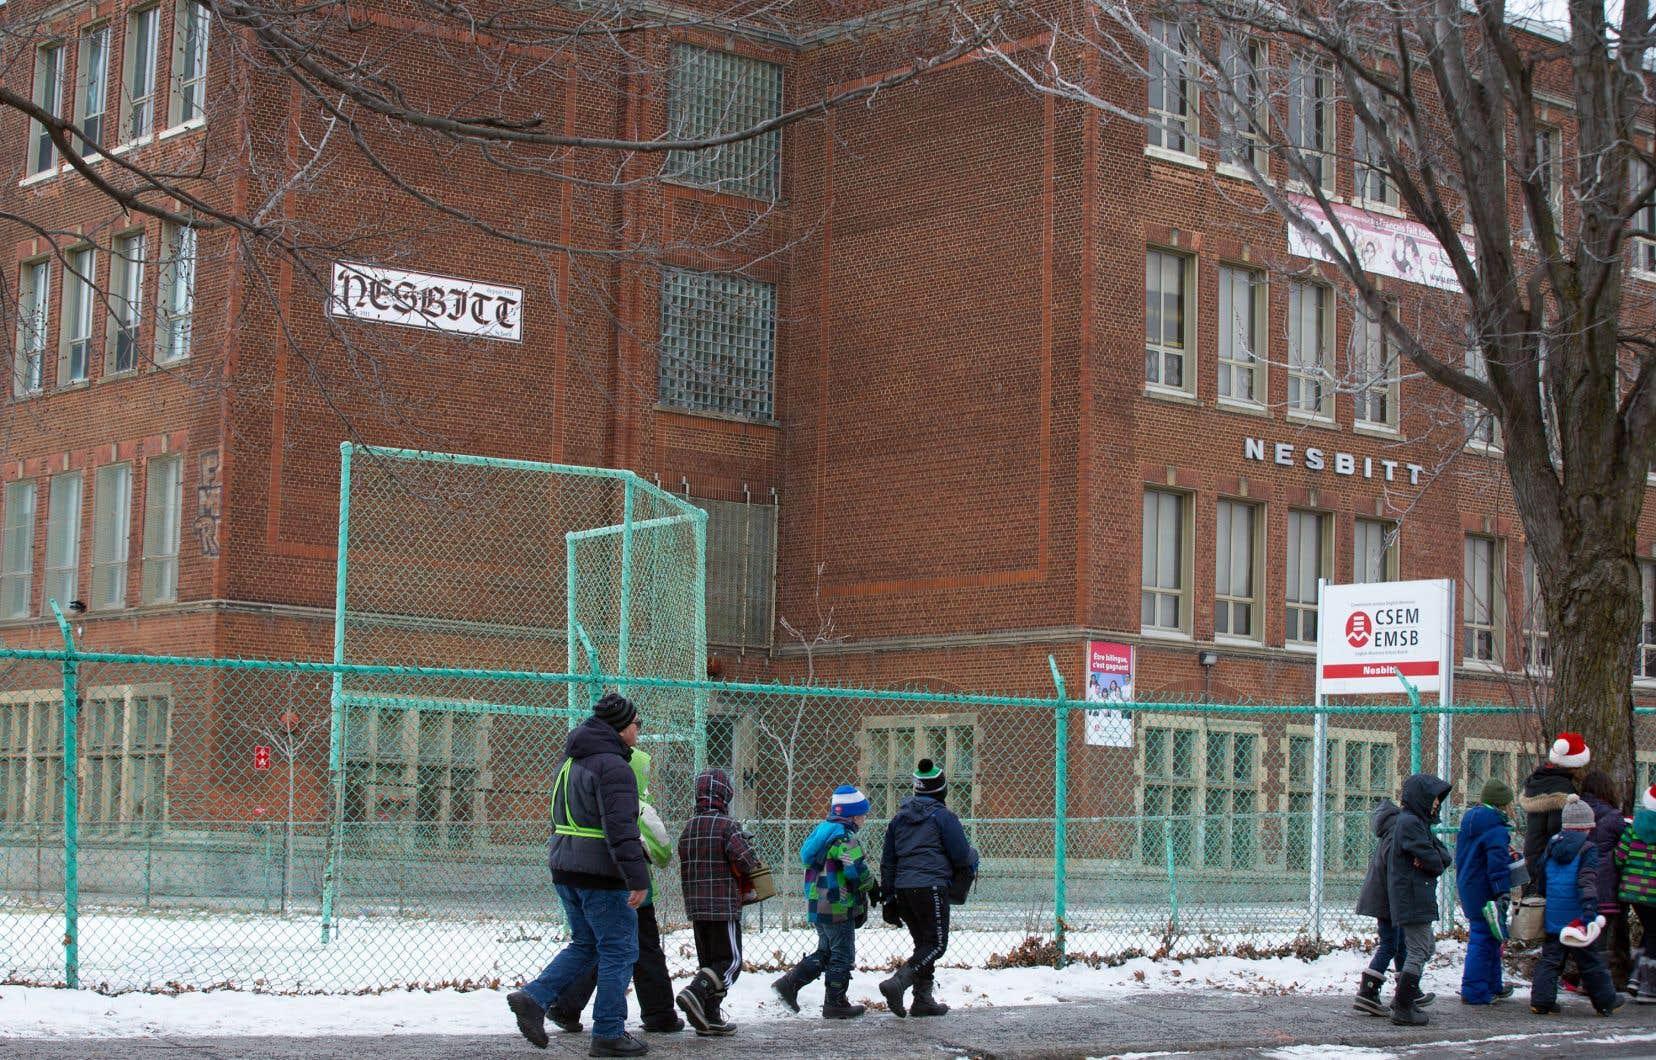 L'école anglophone Nesbitt est remplie à 42% de sa capacité. Les écoles francophones des alentours débordent. Mais selon nos sources, il semble peu probable que l'école accueille des élèves (francophones) supplémentaires à cause du mauvais état du bâtiment.